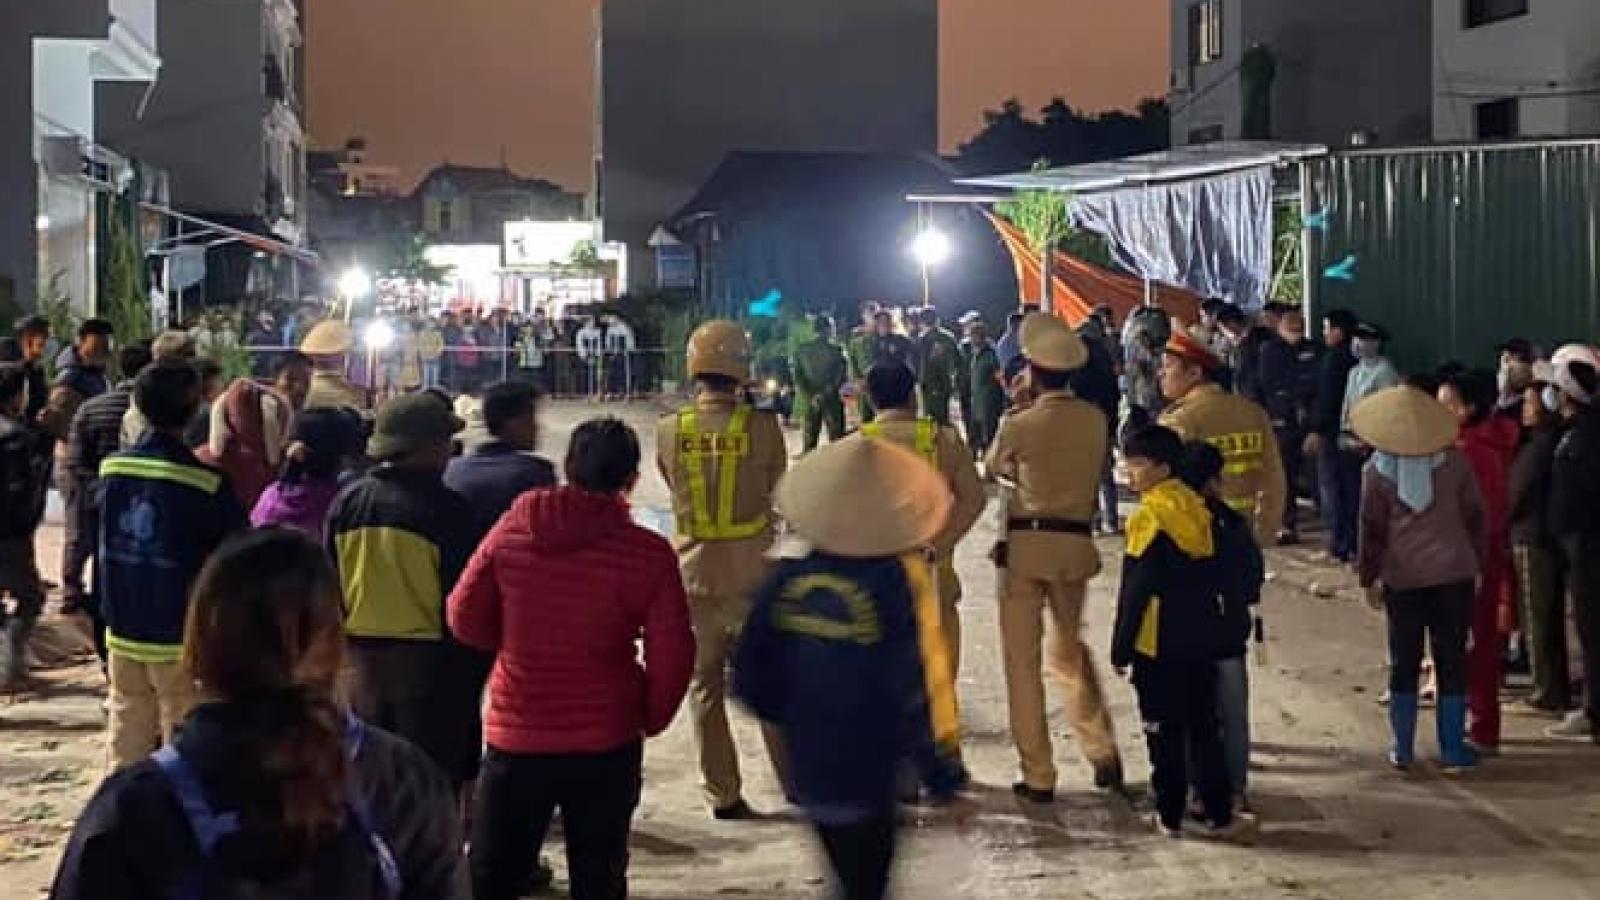 Điều tra vụ việc người phụ nữ bán gà bị sát hại giữa chợ ở Hưng Yên